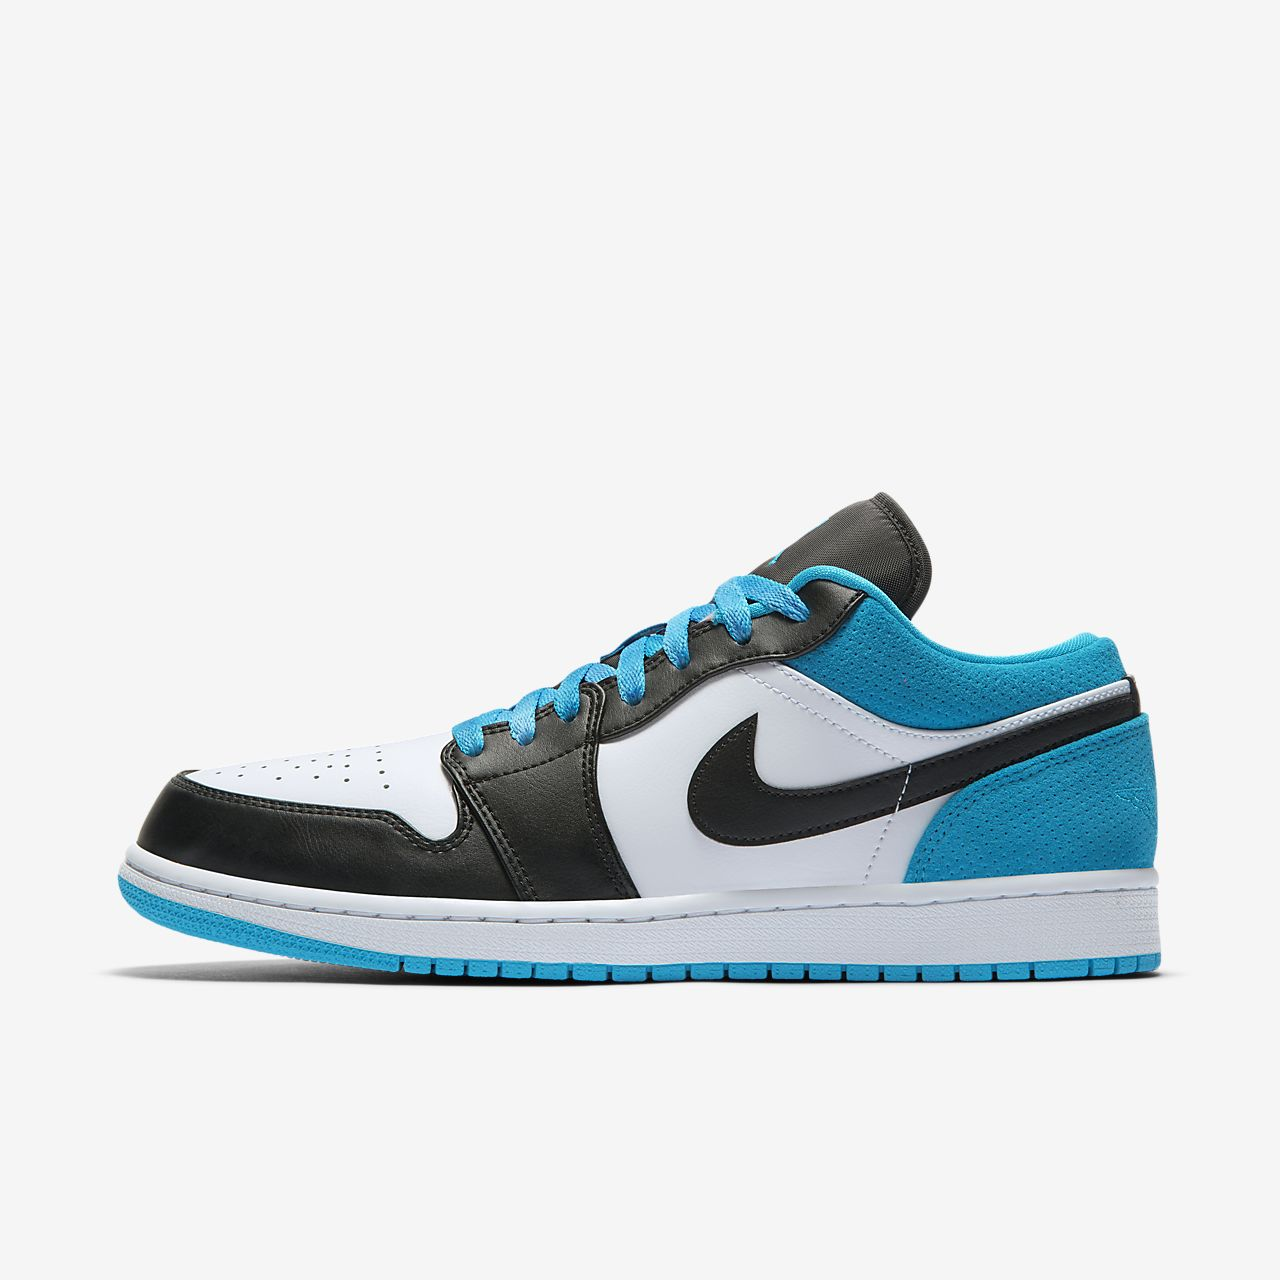 Air Jordan 1 Low SE Shoe